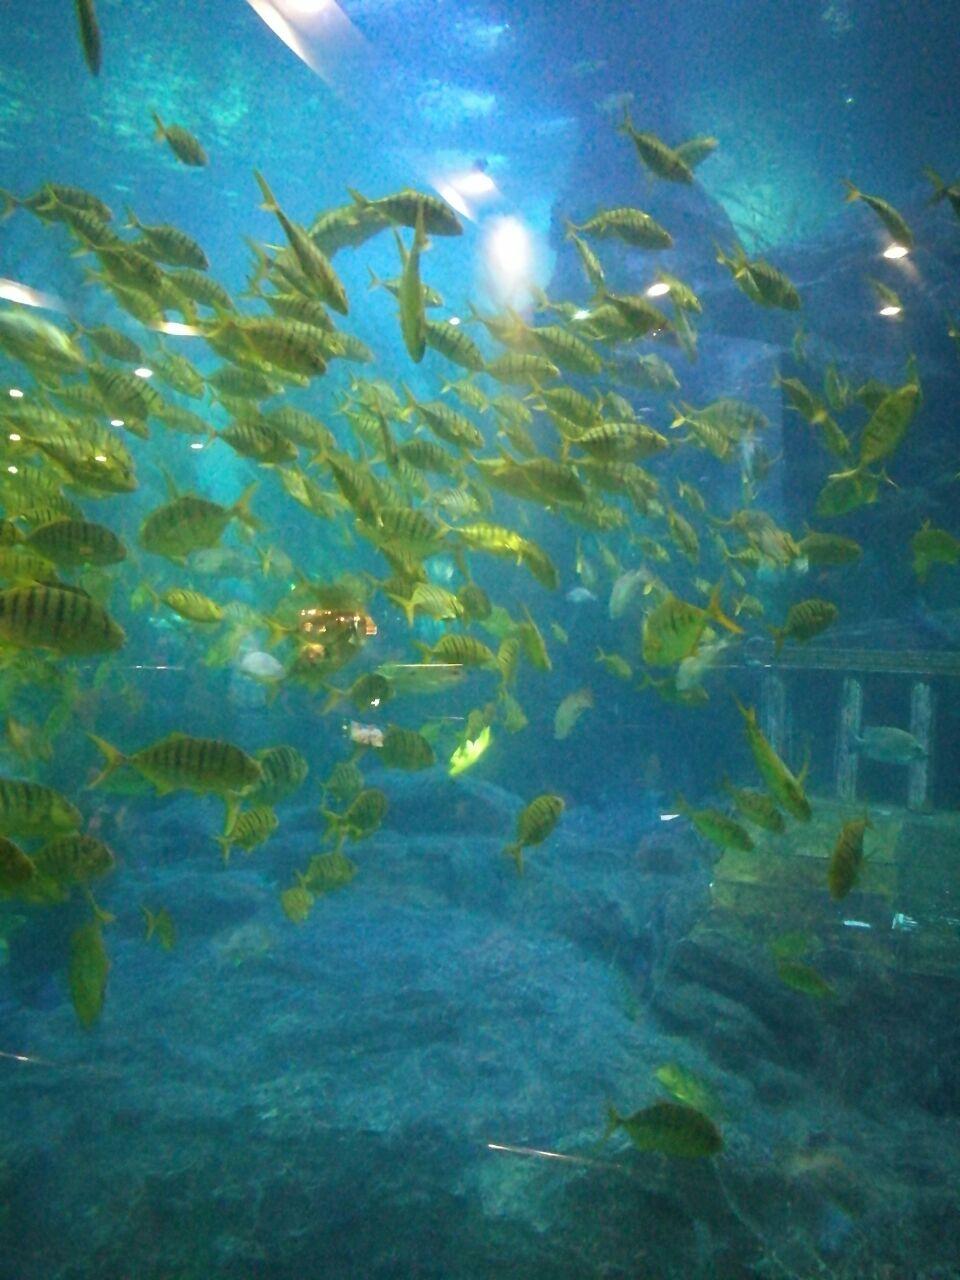 壁纸 海底 海底世界 海洋馆 水族馆 桌面 960_1280 竖版 竖屏 手机